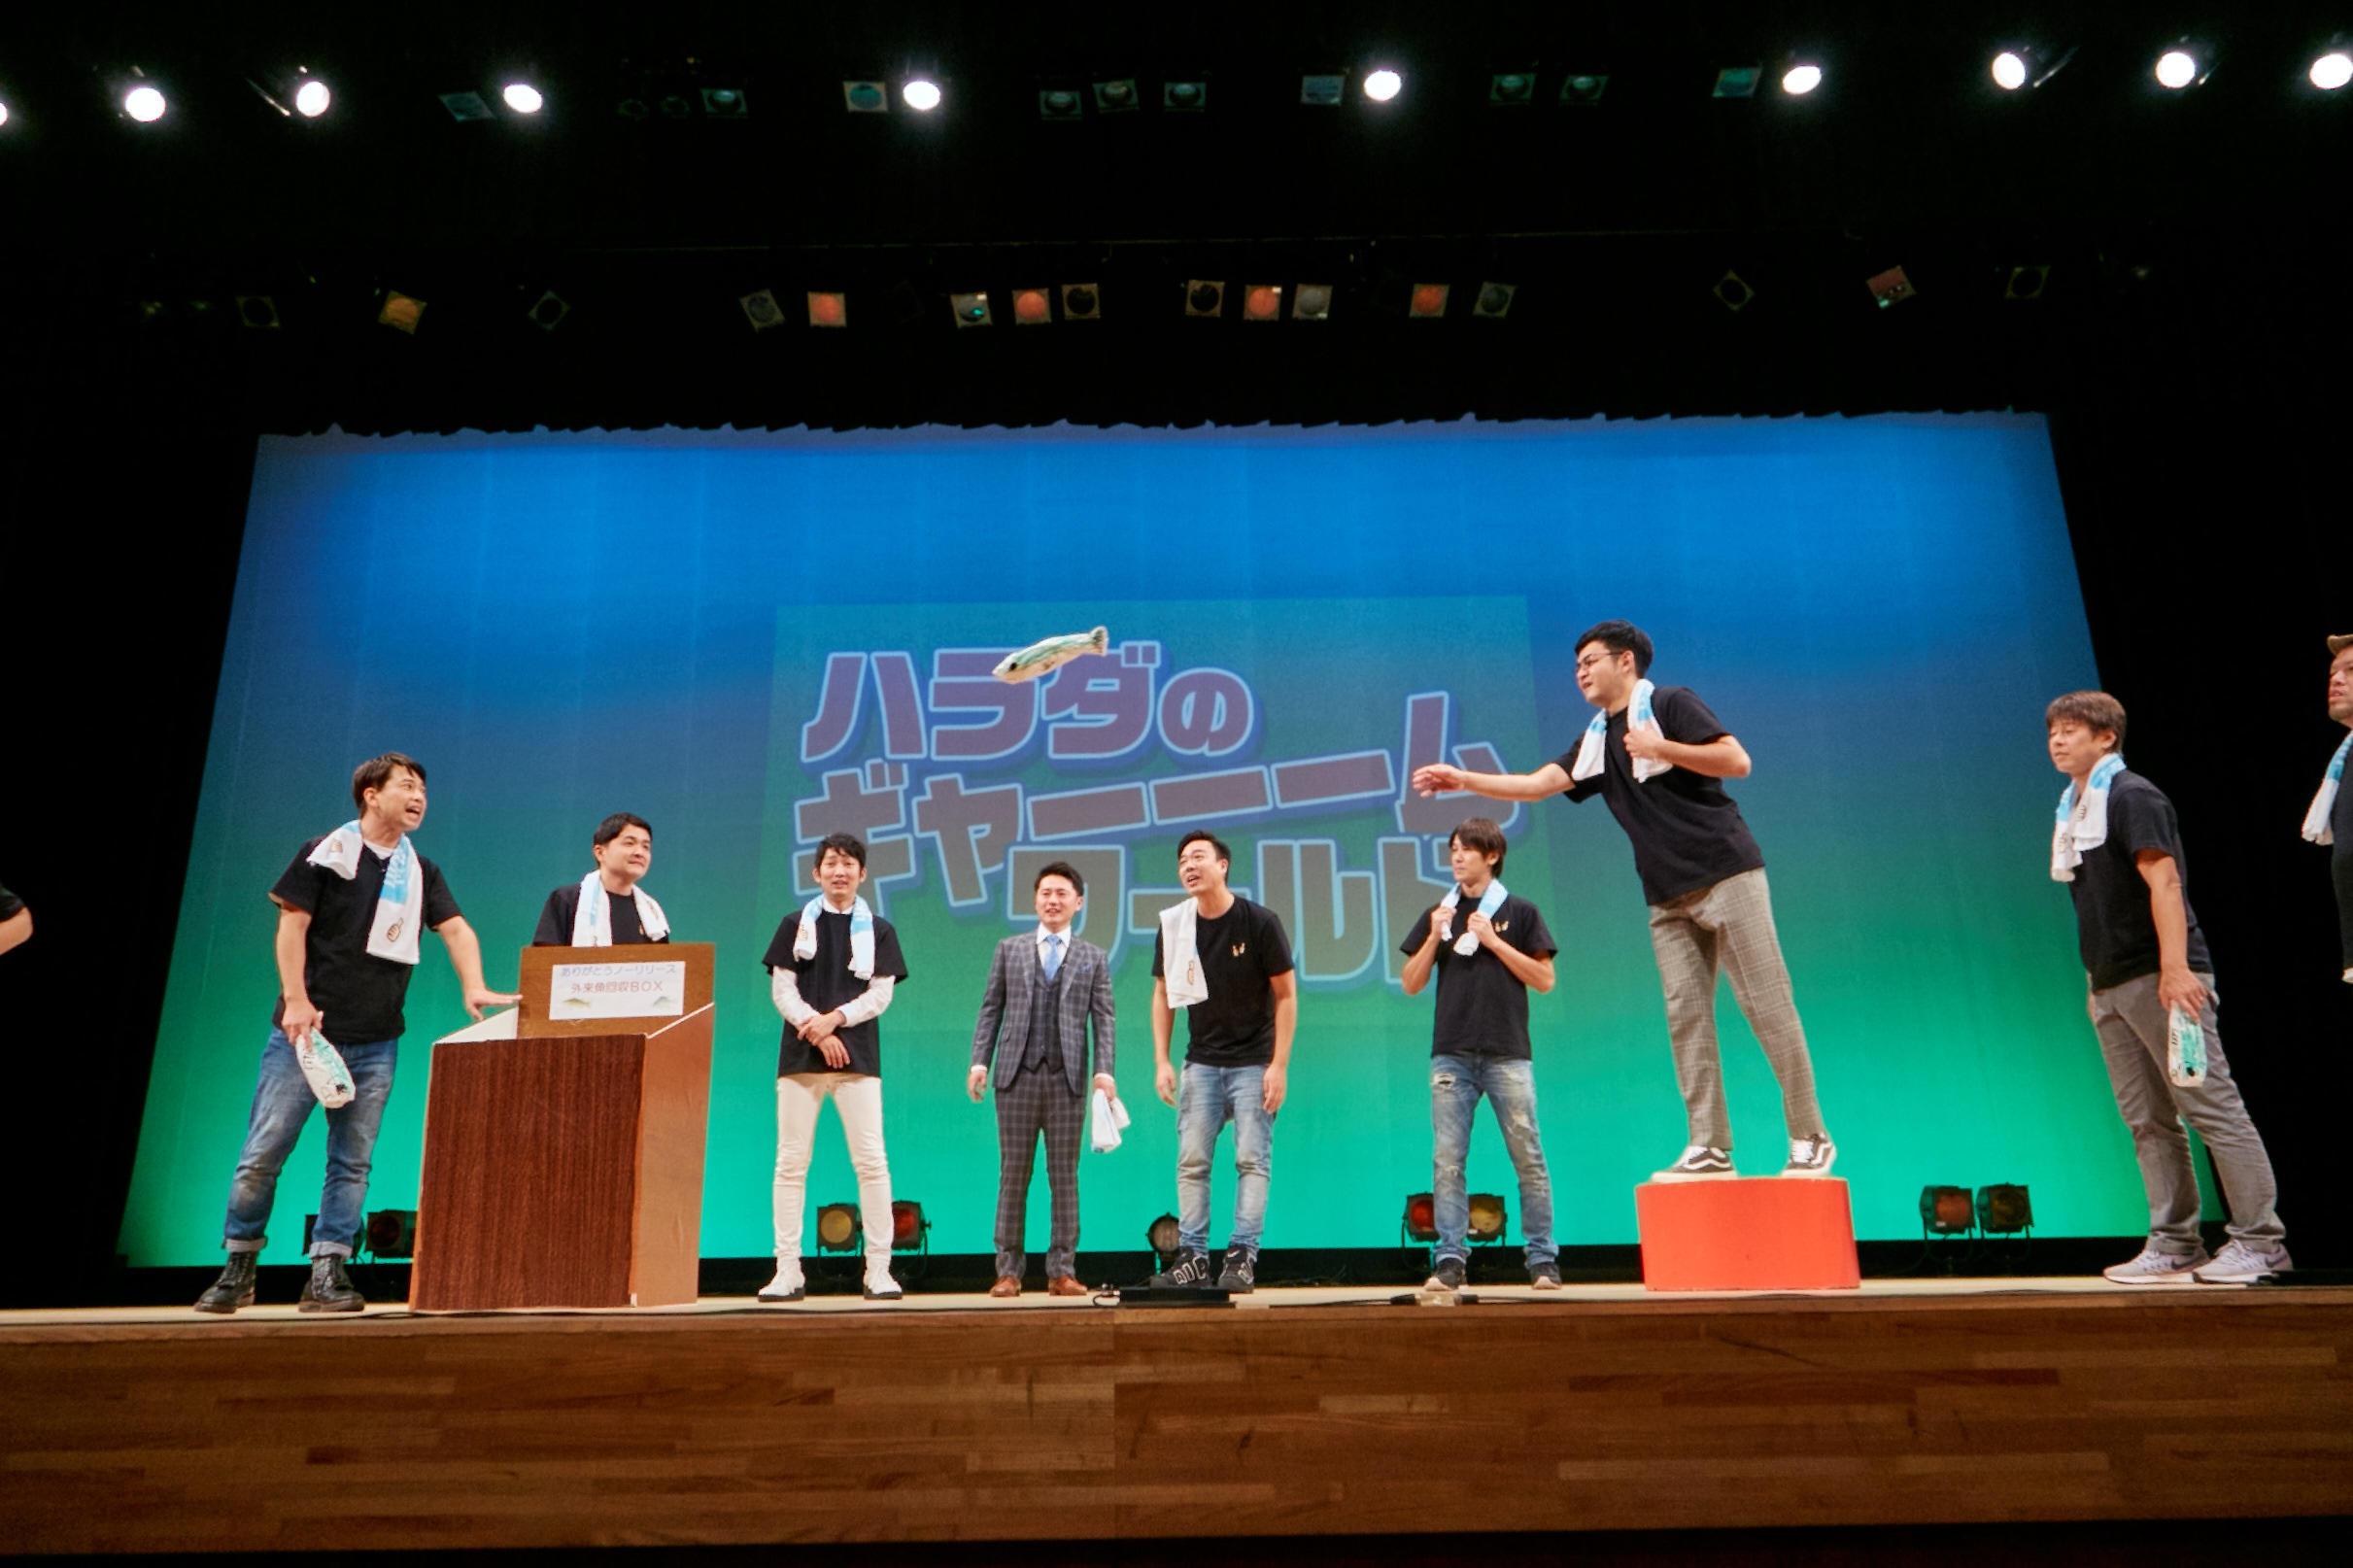 http://news.yoshimoto.co.jp/20171113162126-00c5158fd1382f2a80ae304e6c3f89d685005cb2.jpg